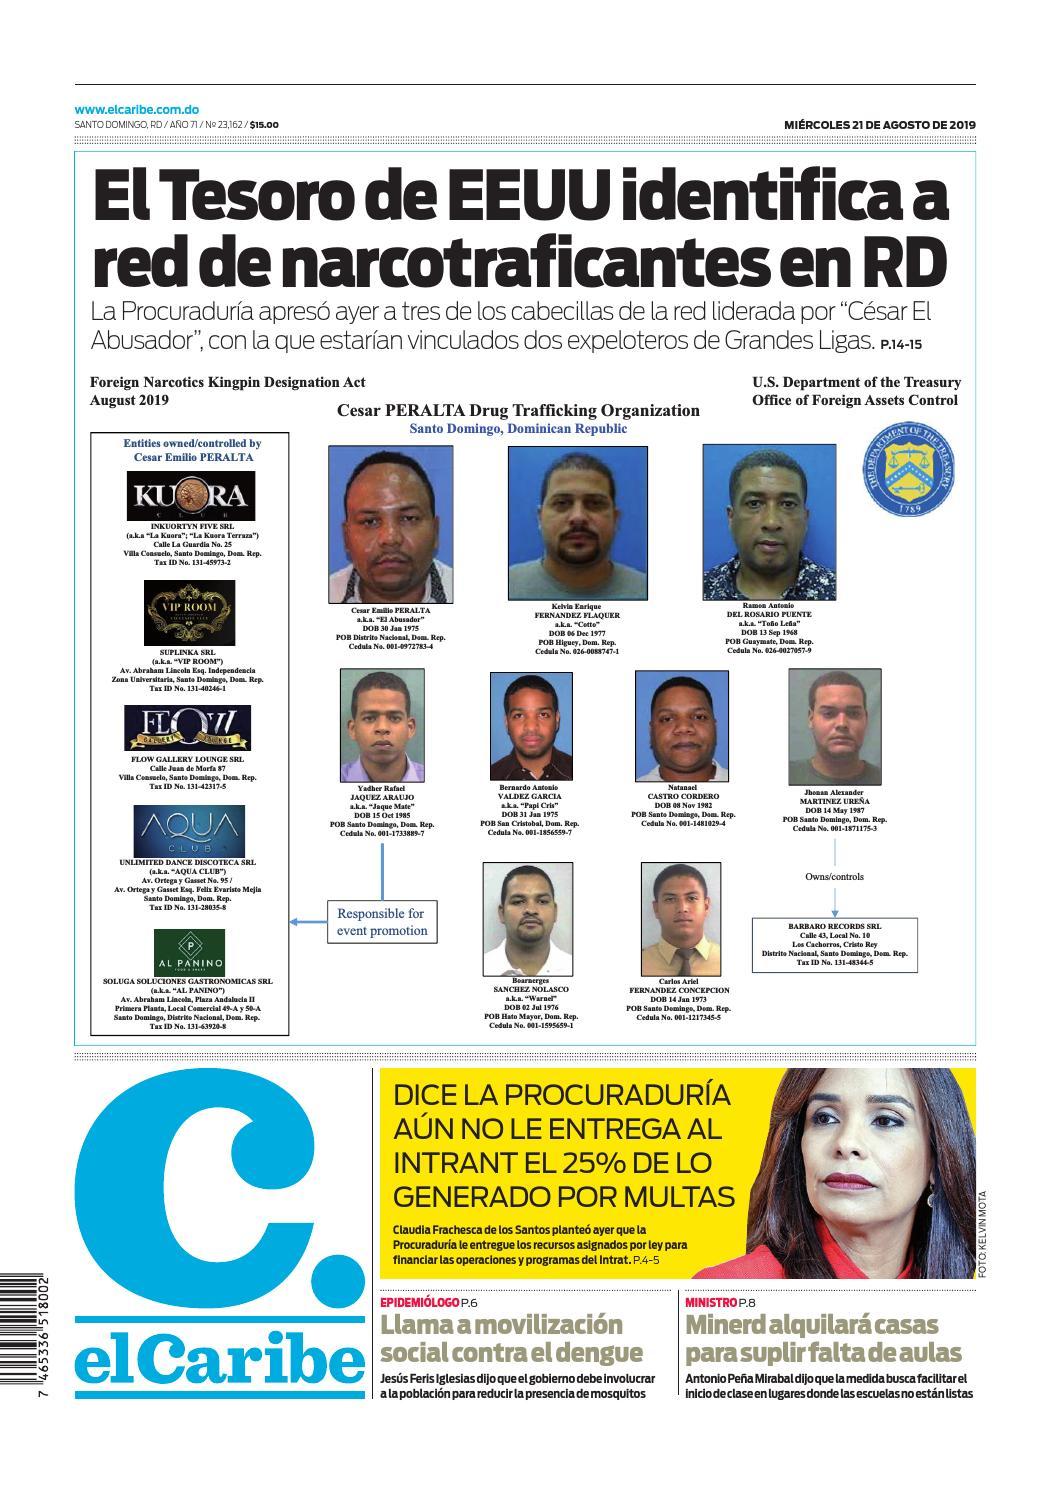 Portada Periódico El Caribe, Miércoles 21 de Agosto, 2019